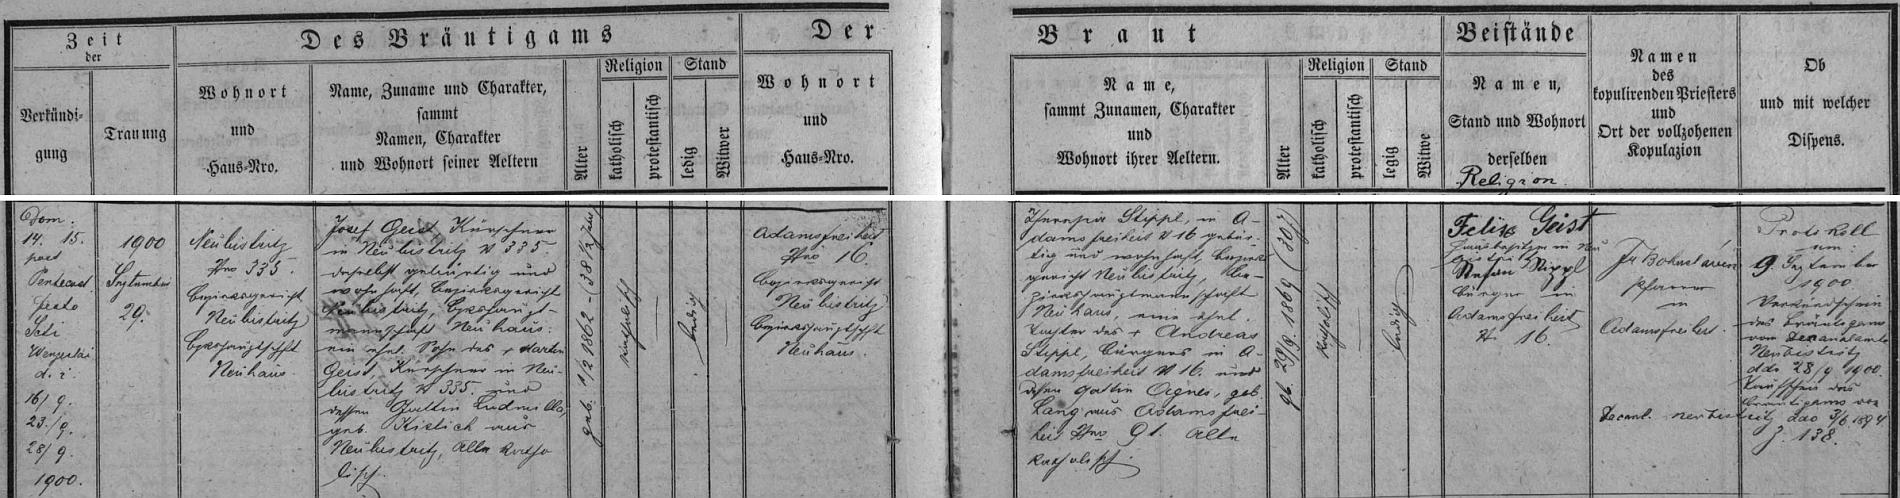 Záznam oddací matriky farní obce Hůrky (Adamsfreiheit) o svatbě rodičů